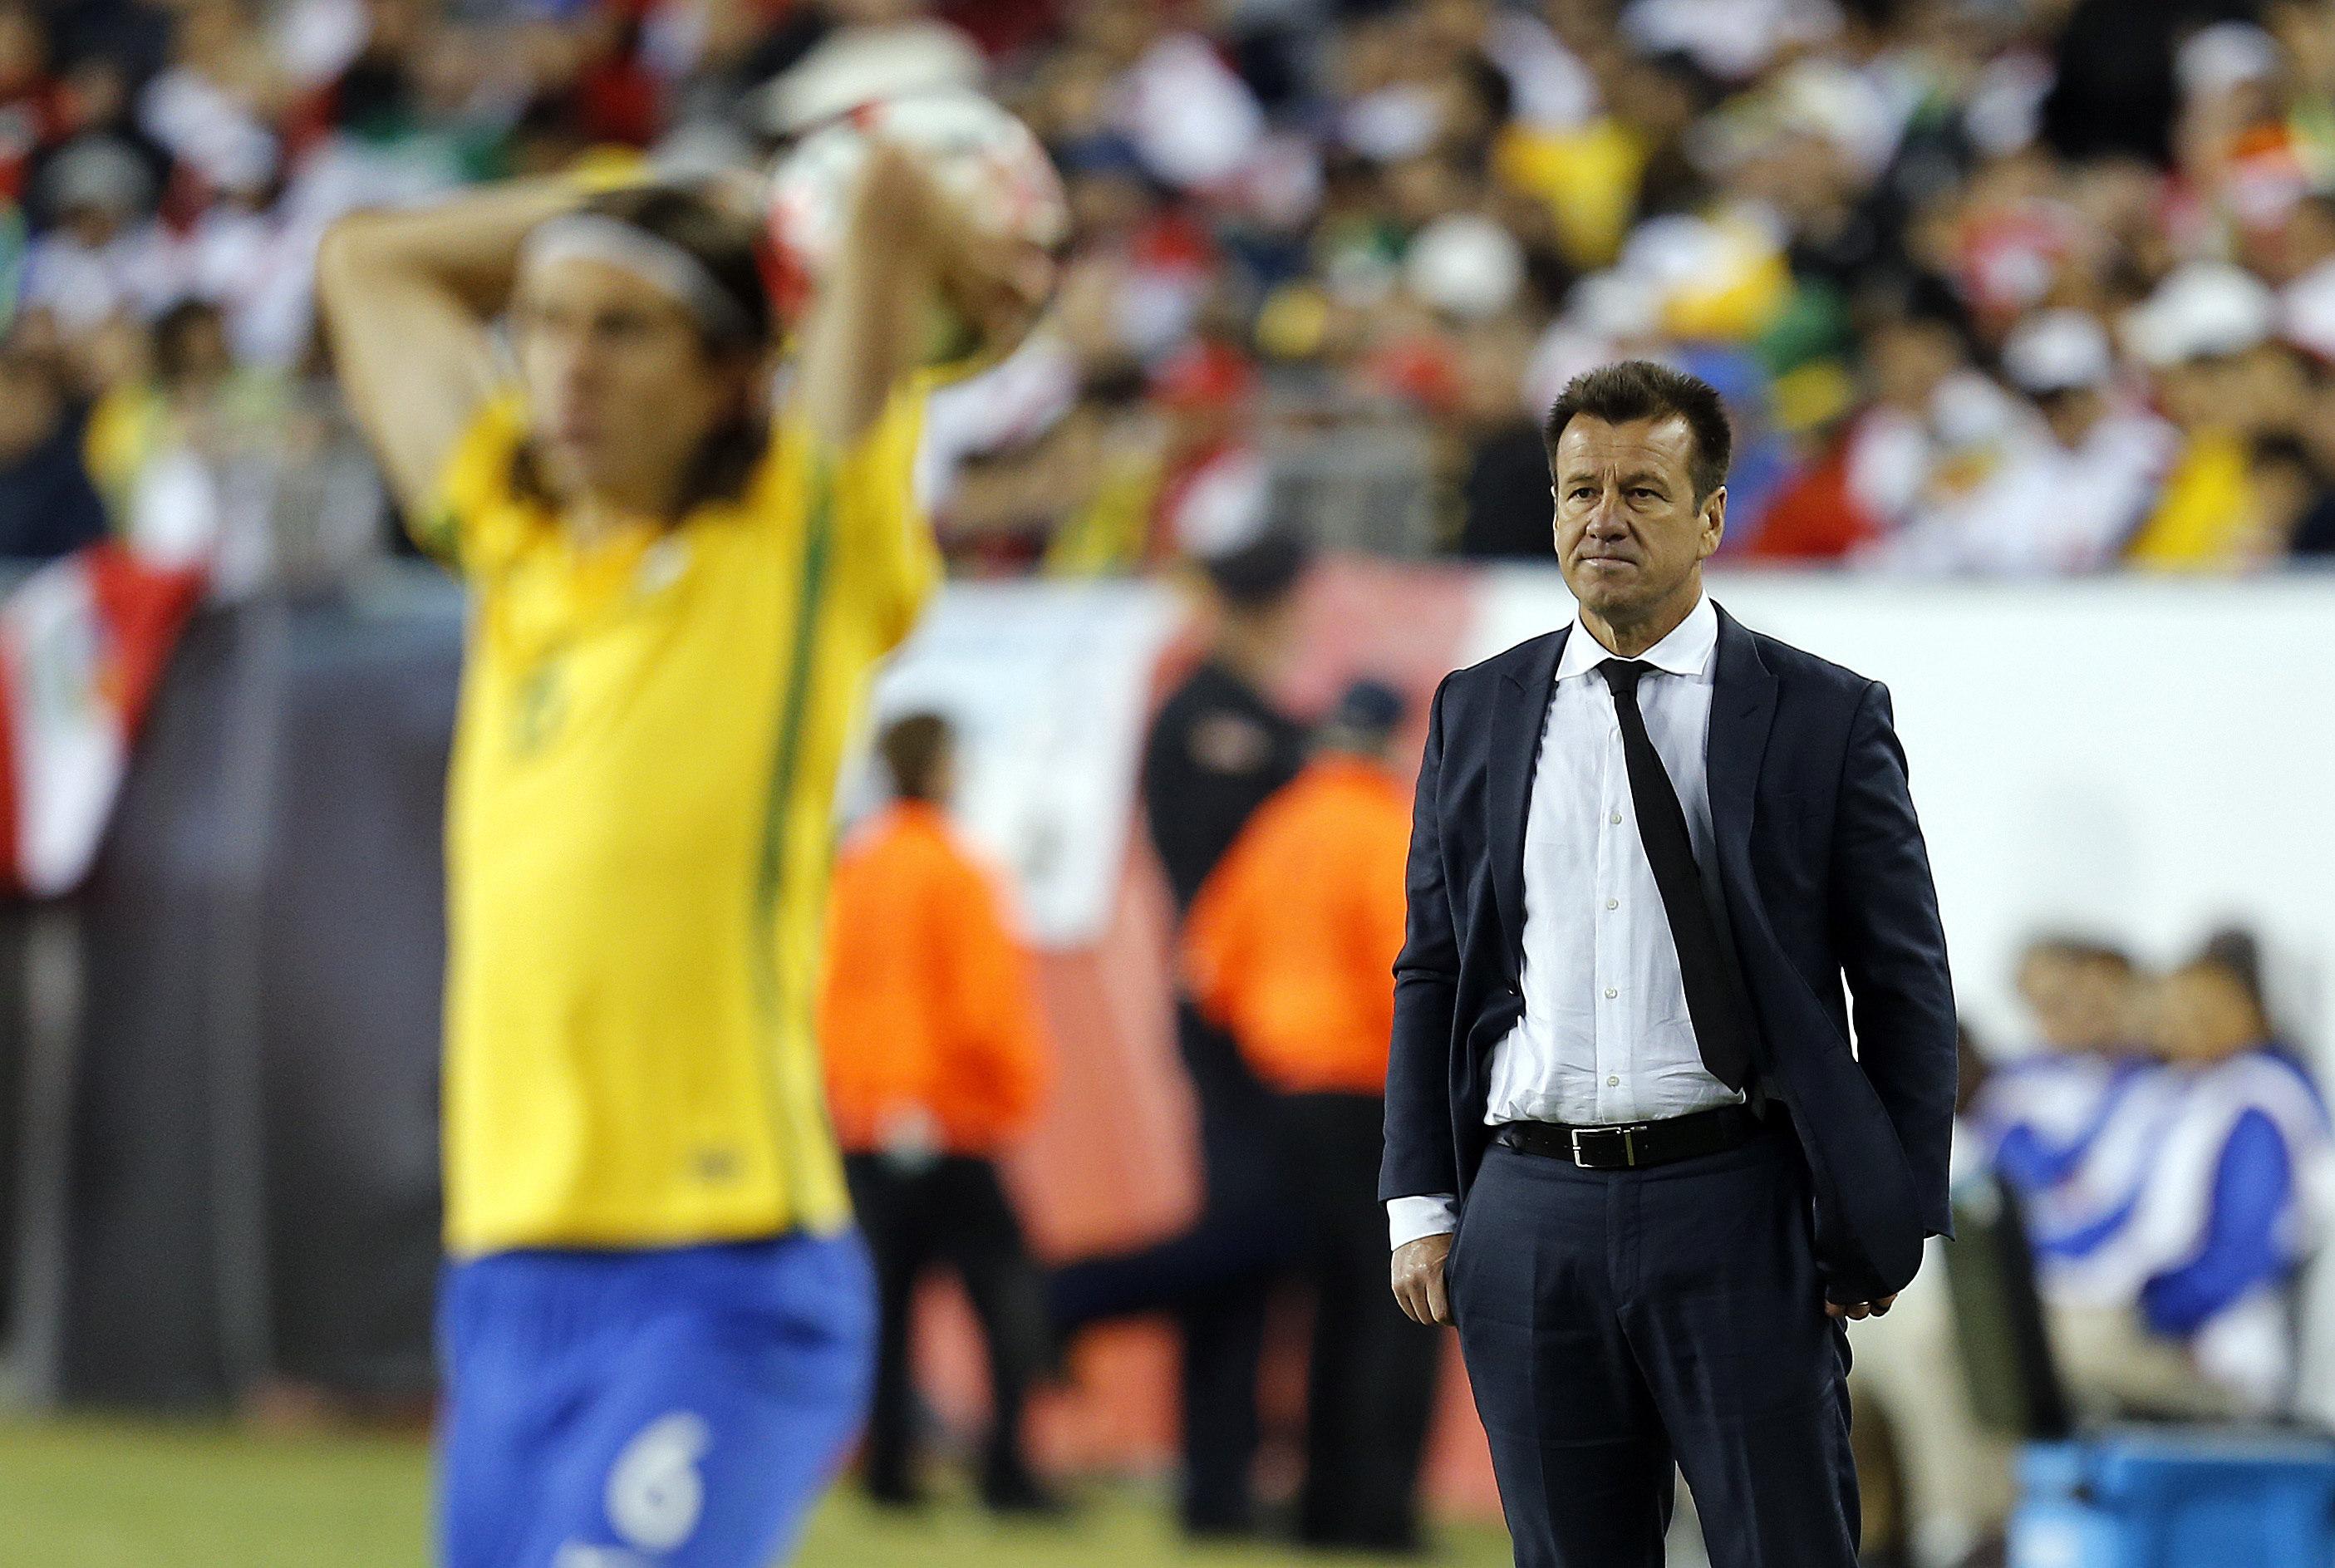 FOX136. FOXBOROUGH (EEUU), 12/06/2016.- El seleccionador de Brasil Dunga (d) dirige ante Perú hoy, domingo 12 de junio de 2016, el partido entre Brasil y Perú en el Grupo B de la Copa América Centenario en el estadio Gillete de Foxborough (Estados Unidos). EFE/MAURICIO DUEÑAS CASTAÑEDA